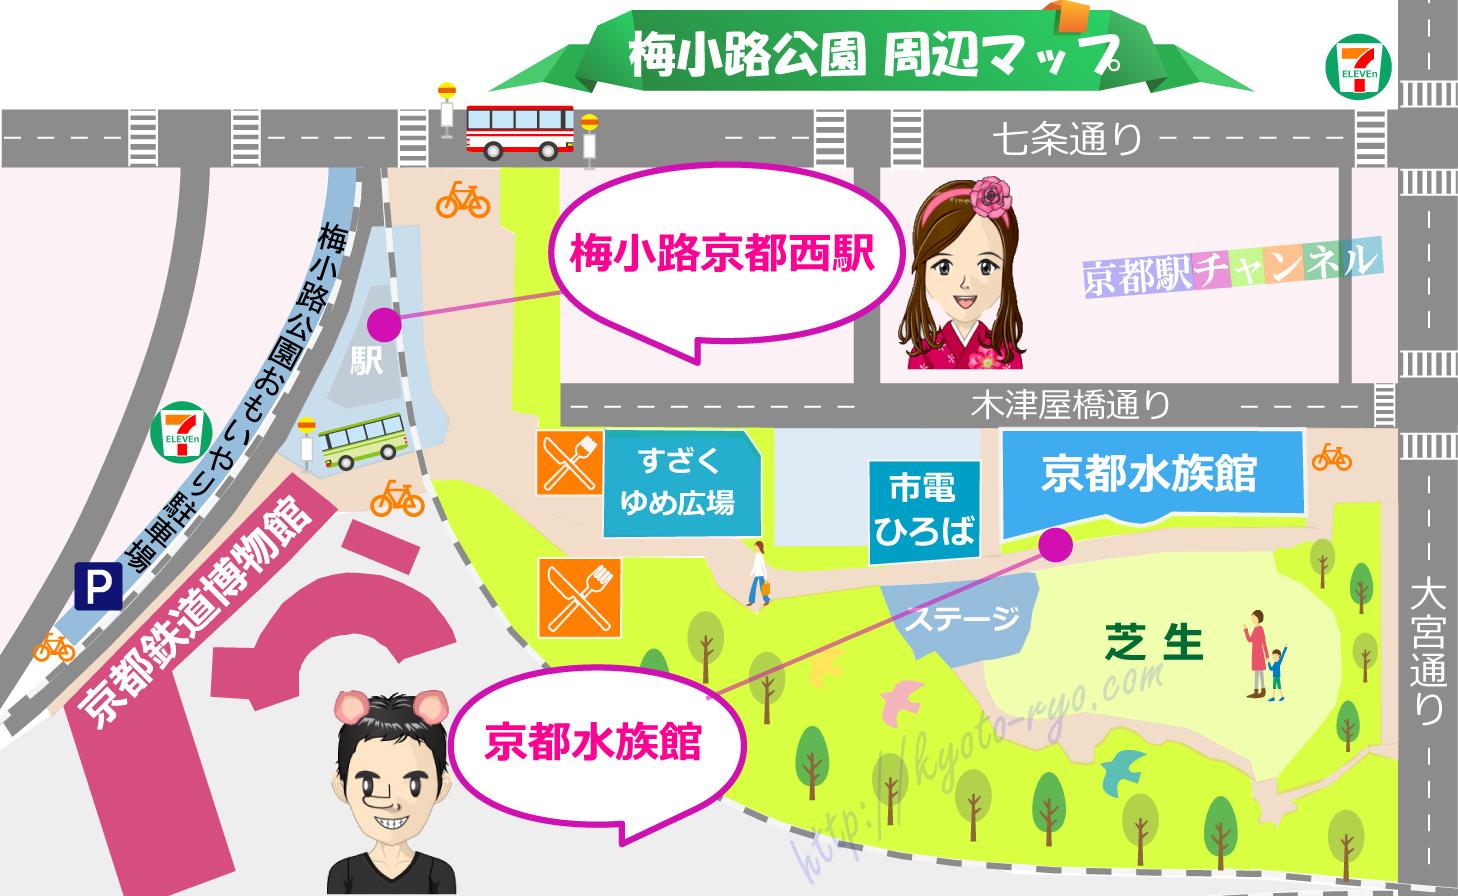 京都水族館周辺のホテルマップ